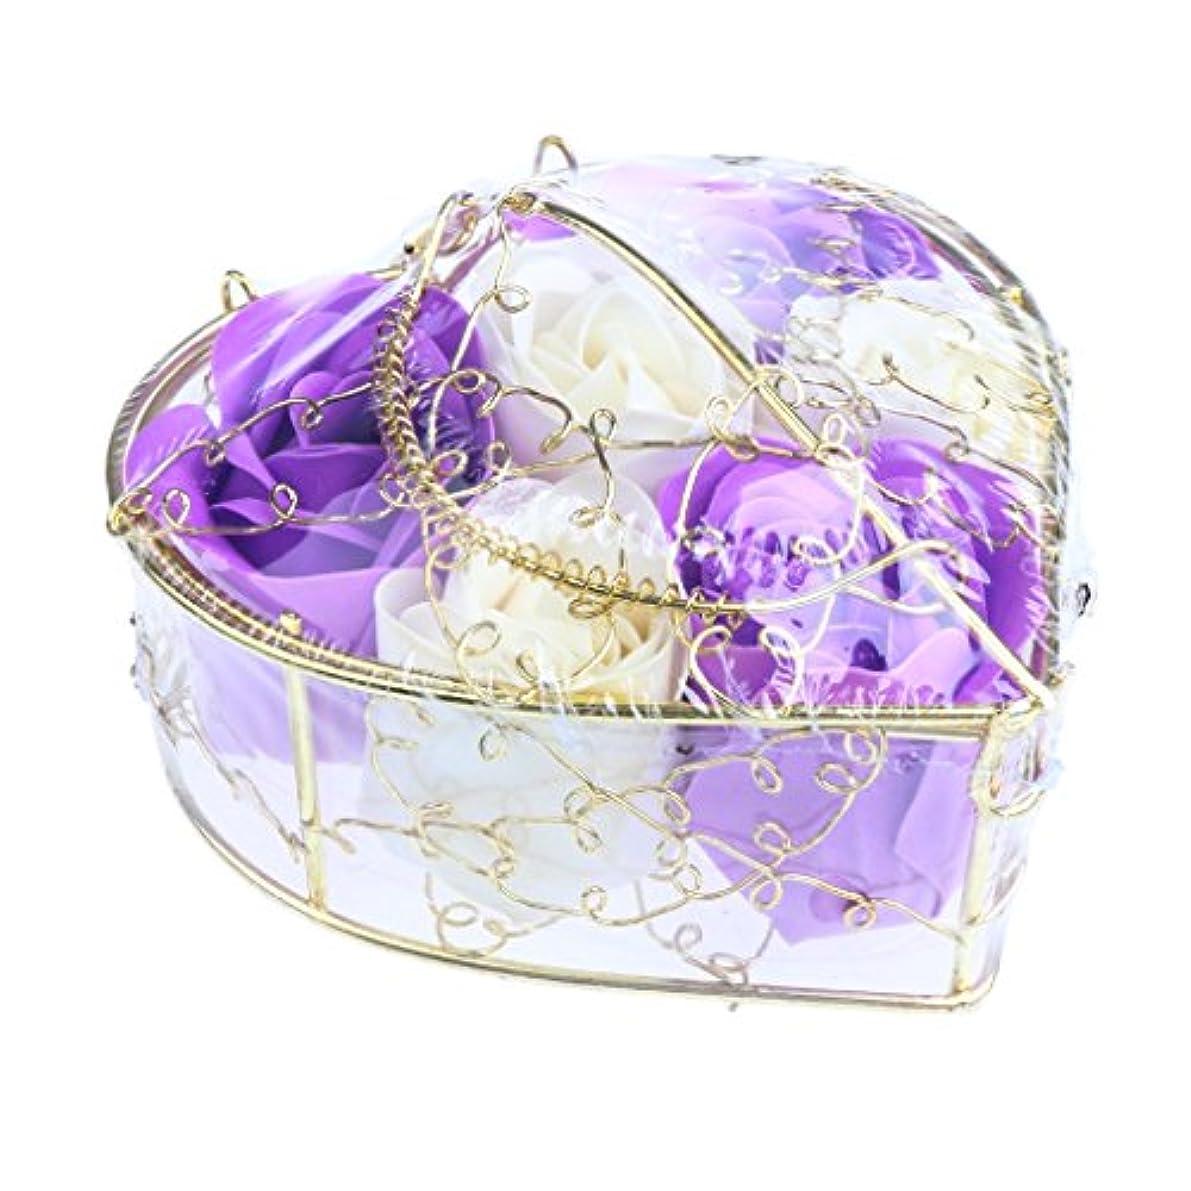 姓マニフェスト絶望6個 ソープフラワー 石鹸の花 バラ 心の形 ギフトボックス バレンタインデー ホワイトデー 母の日 結婚記念日 プレゼント 全5タイプ選べる - 紫と白